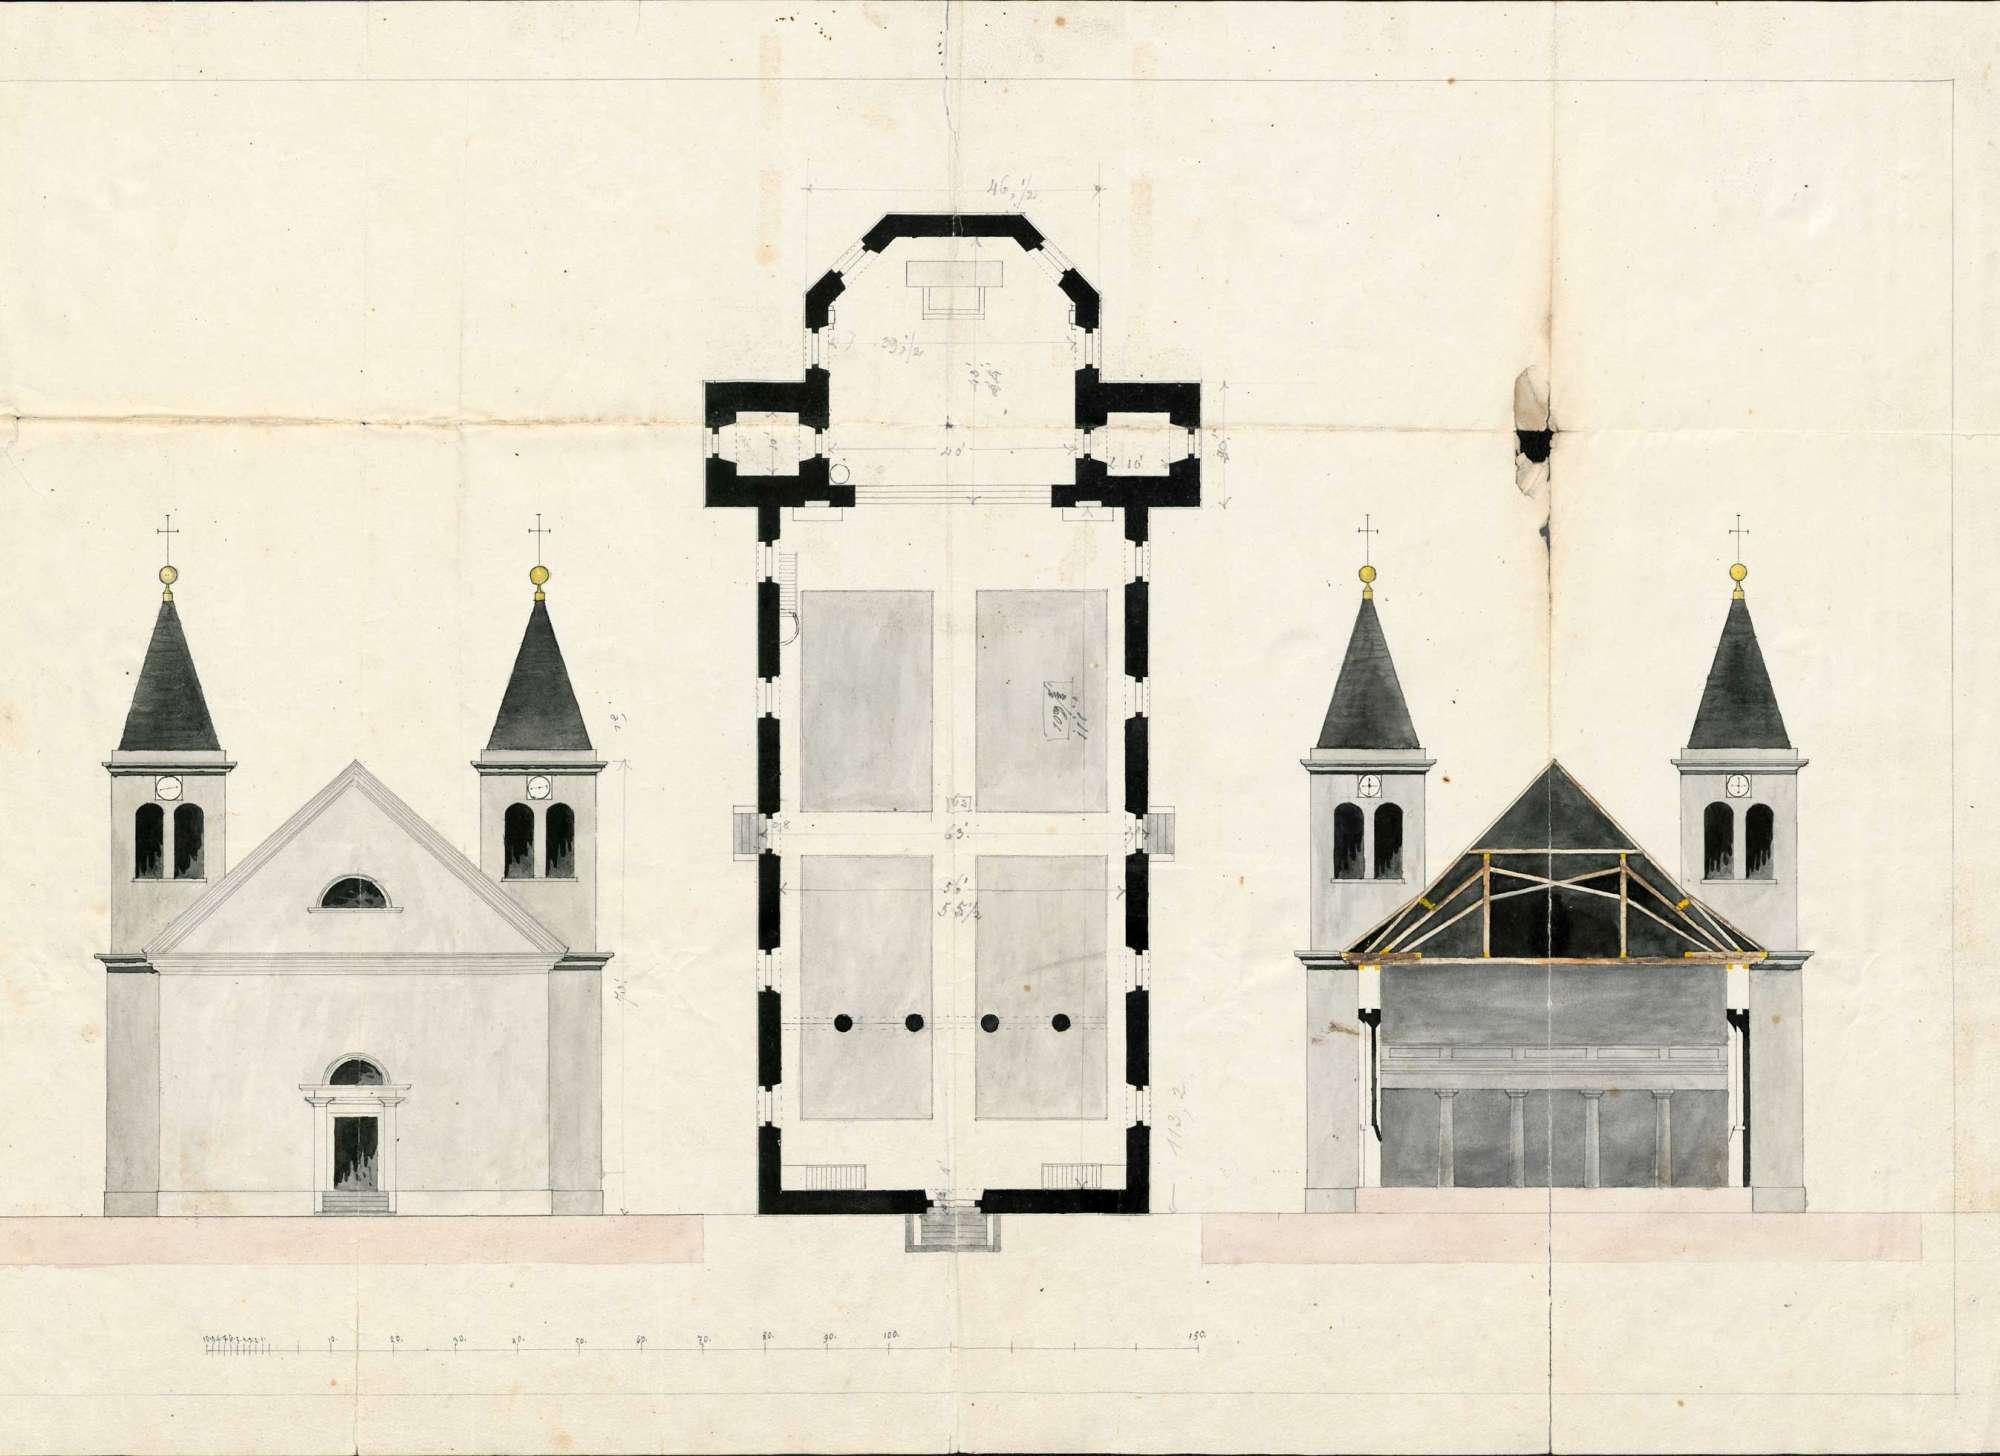 Wiederaufbau der abgebrannten Kirche zu Herrischried, Bild 2